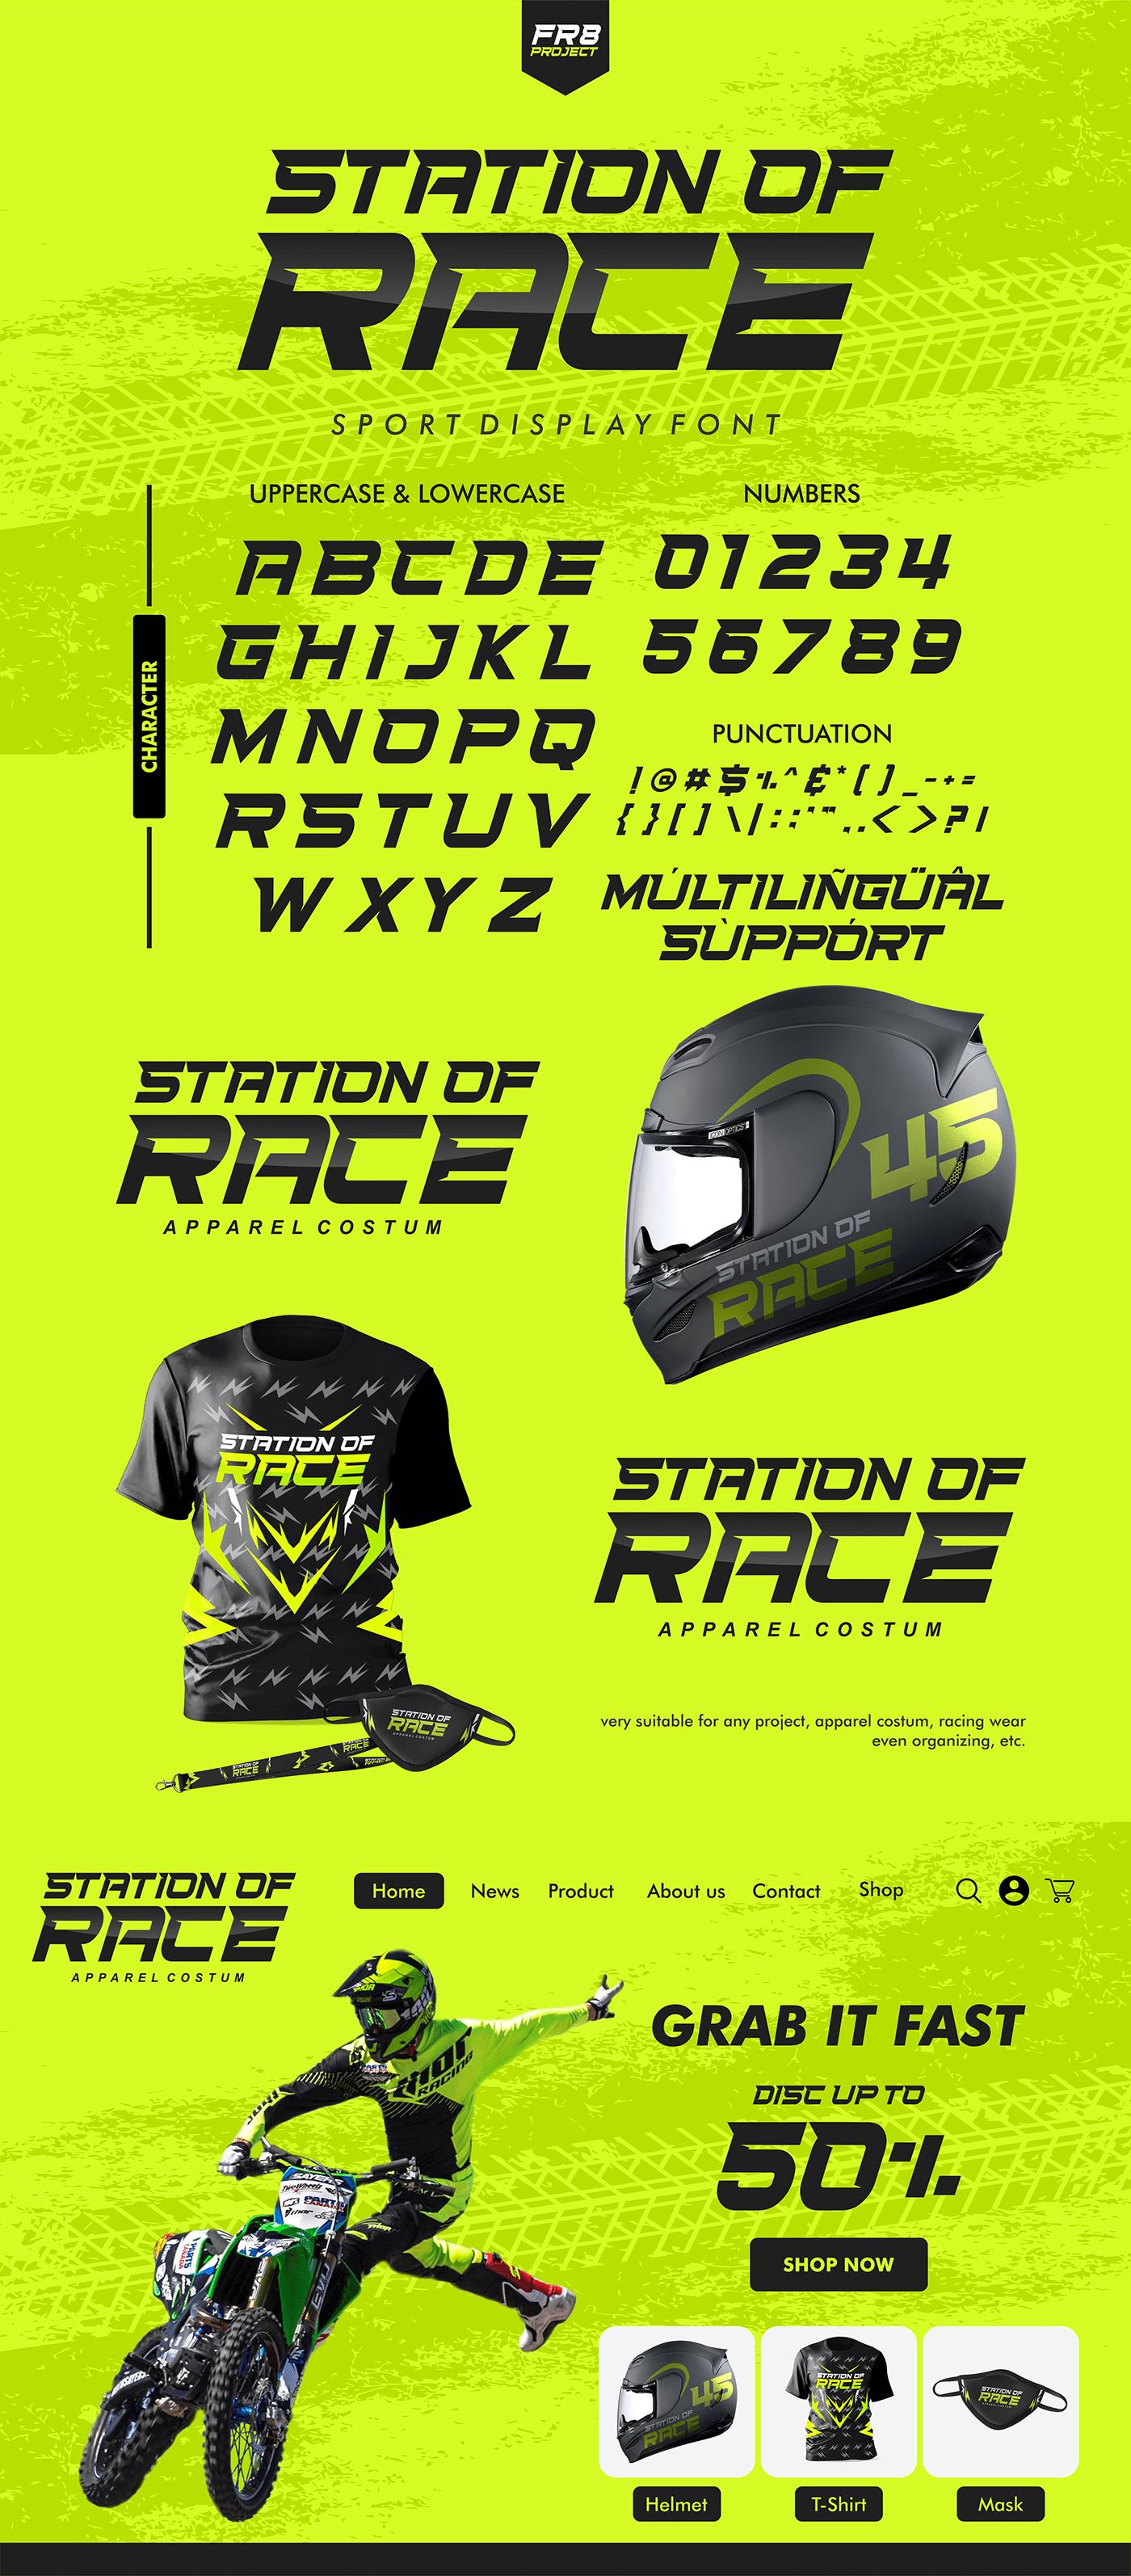 apparel branding  Display font Games Helmet jersey motorcycle Racing sport